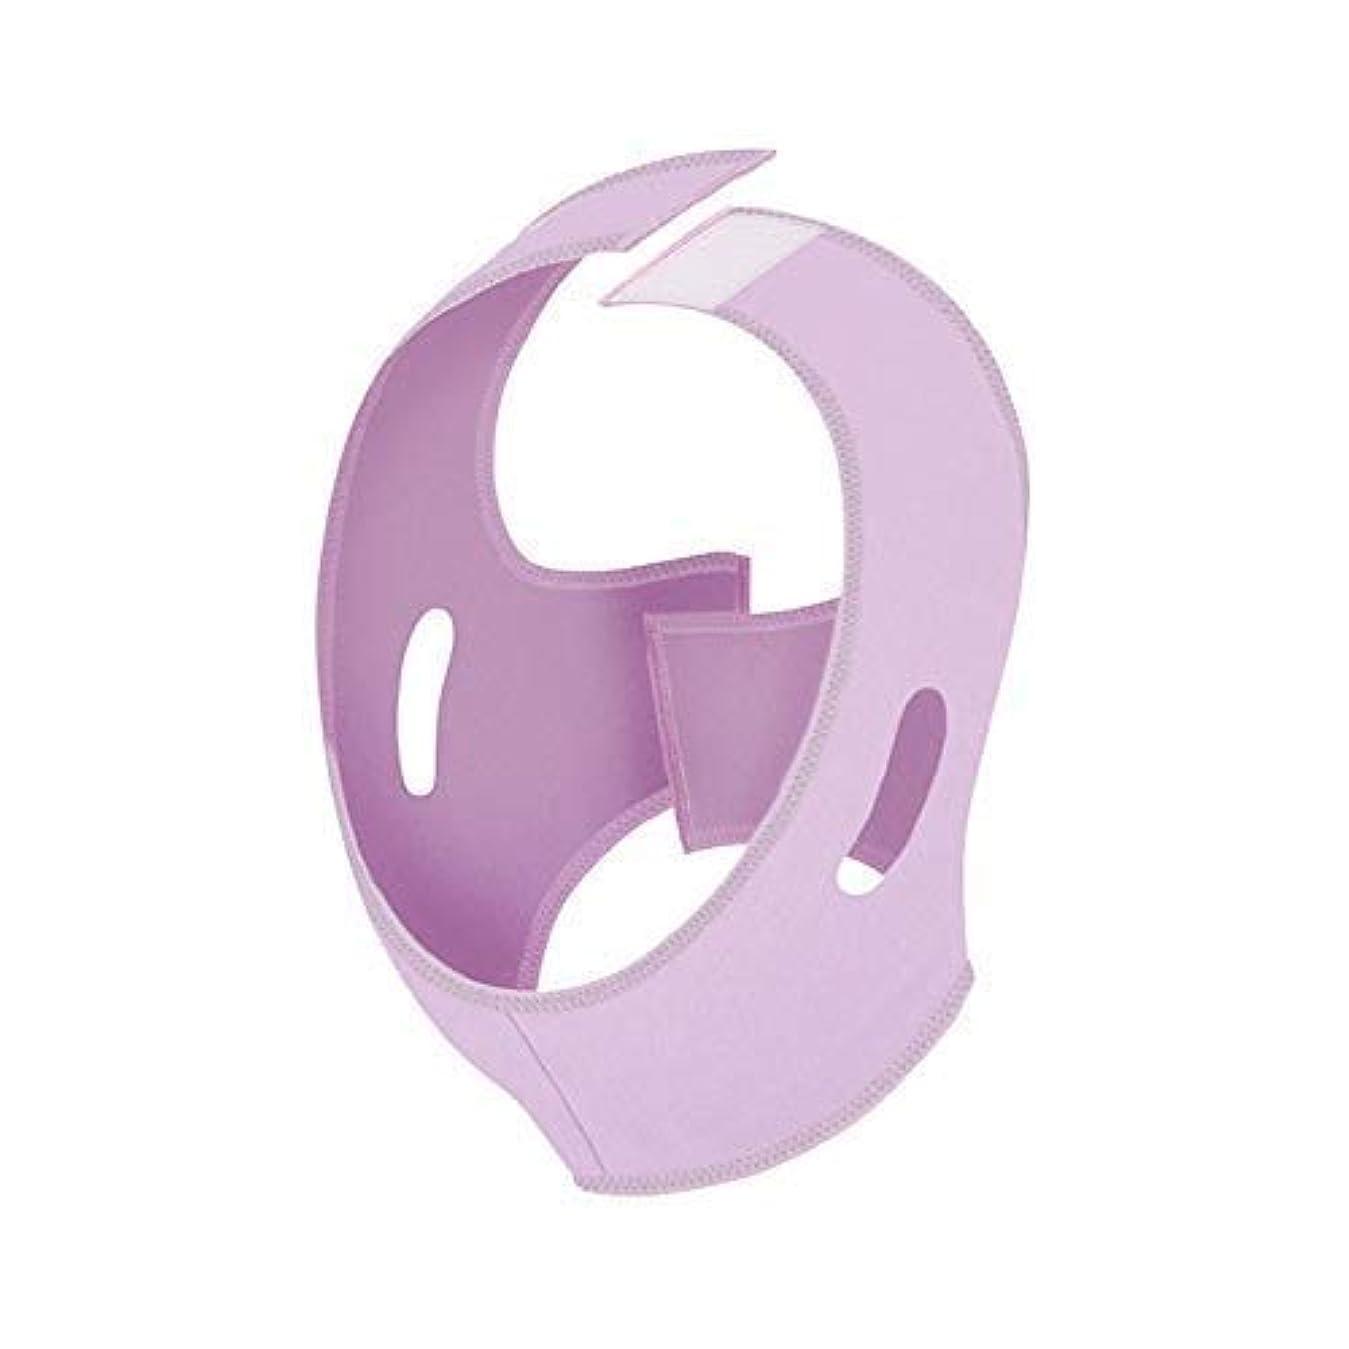 グローフリース繁雑フェイシャルマスク、リフティングアーティファクトフェイスマスク垂れ下がった小さなVフェイスバンデージ付きの顔 スリーピングフェイスダブルチンチンセットスリープエラスティックスリミングベルト